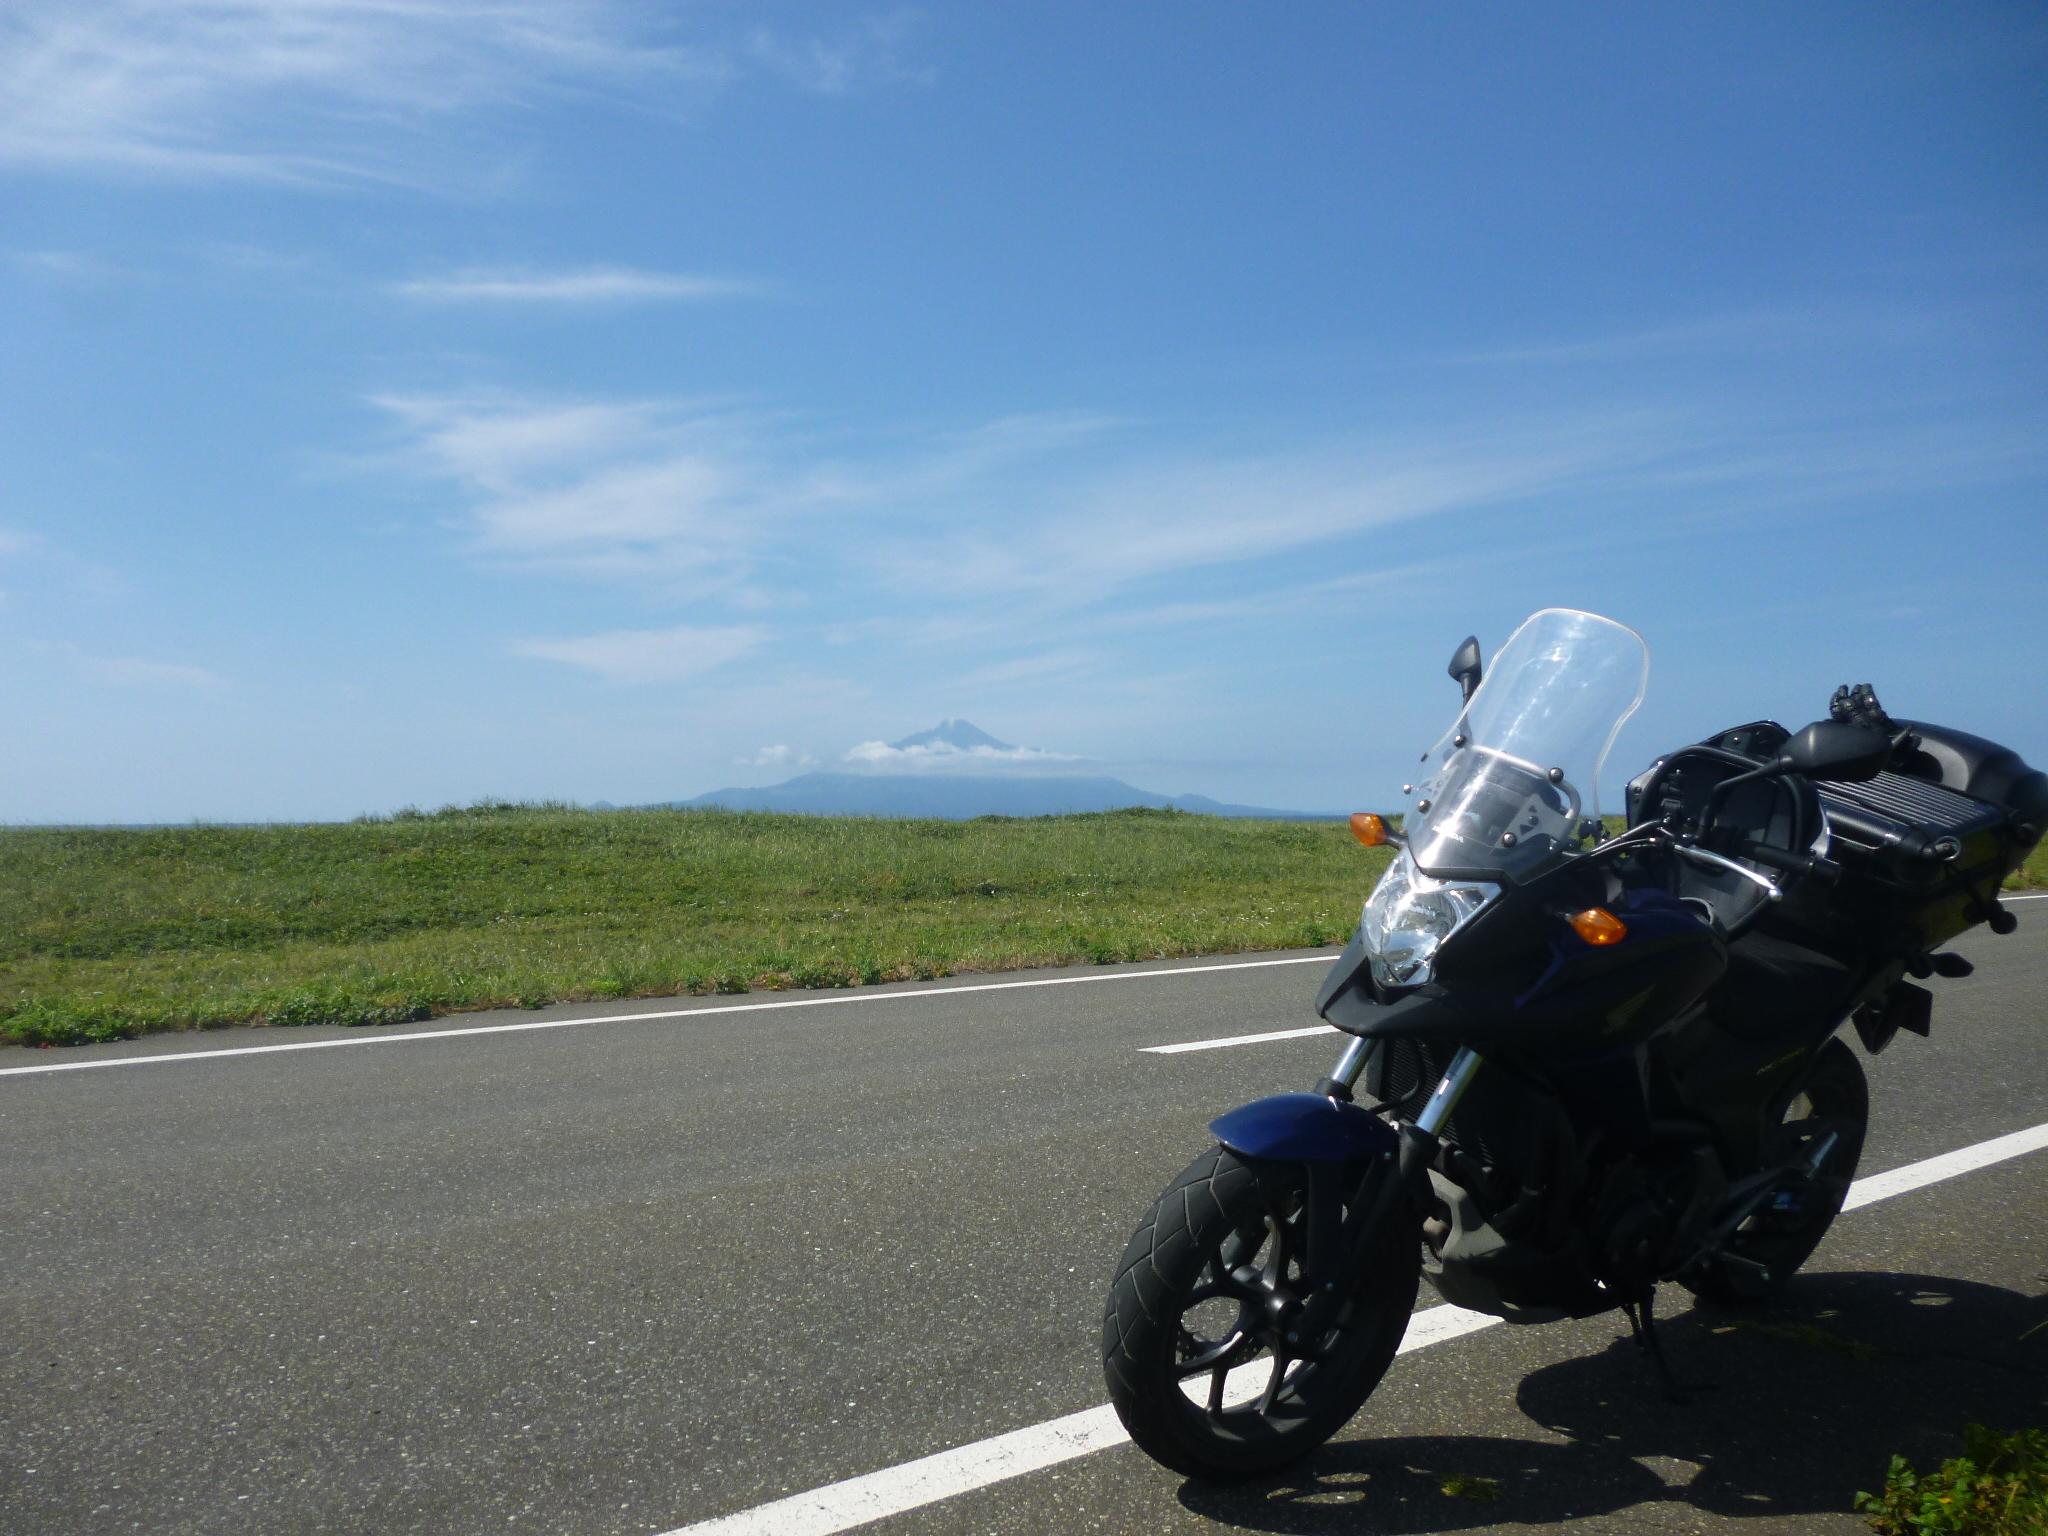 北海道 日本海オロロンライン NC750X ソロツーリング 道路 空 晴れ バイク